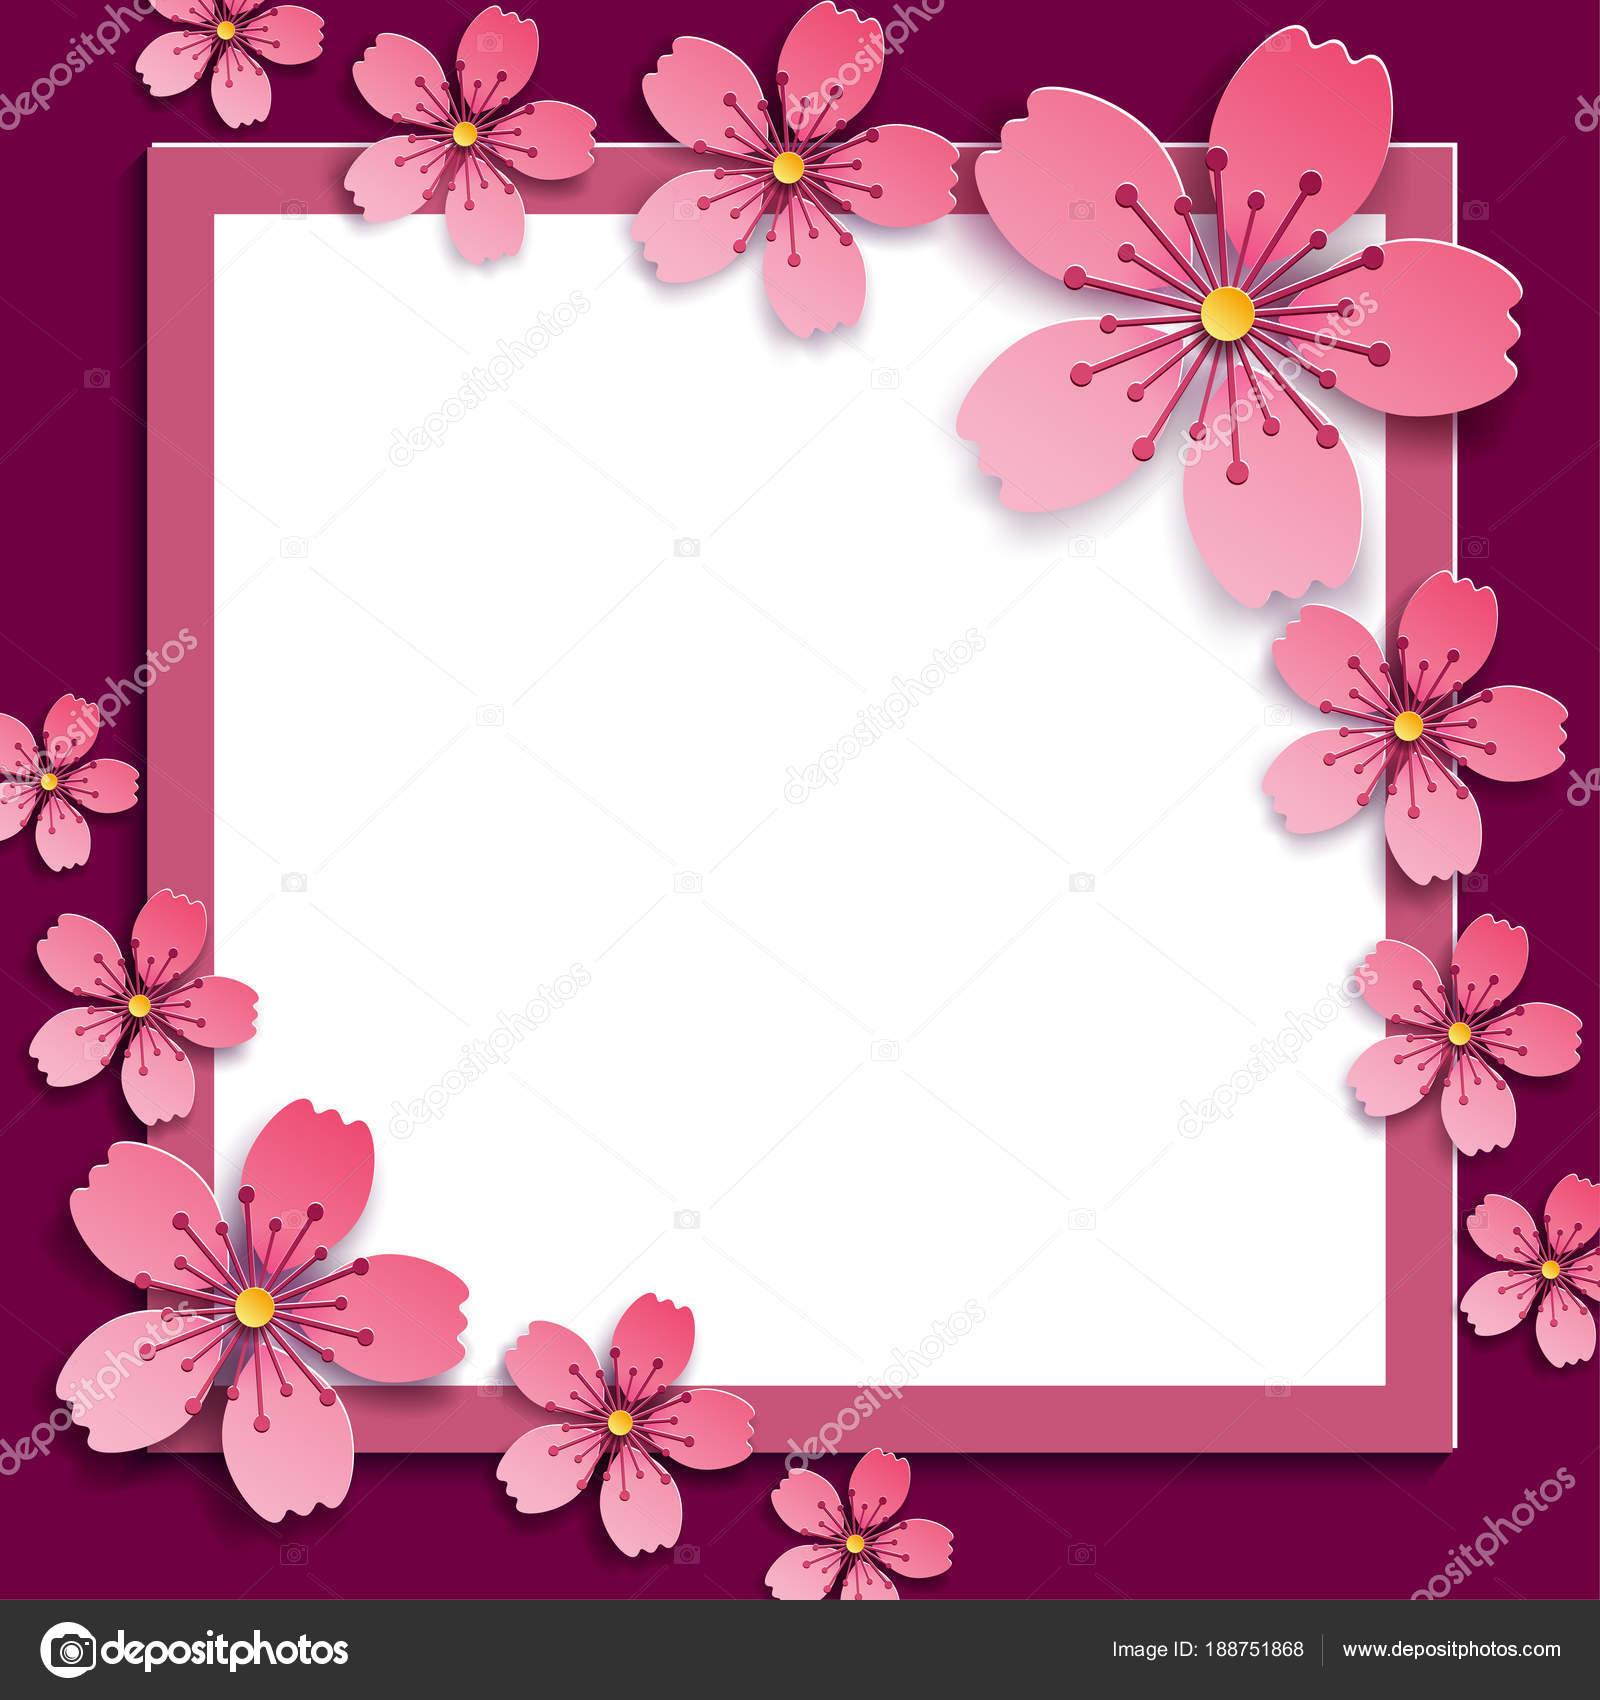 Marco de celebración con rosa 3d flor de sakura — Archivo Imágenes ...